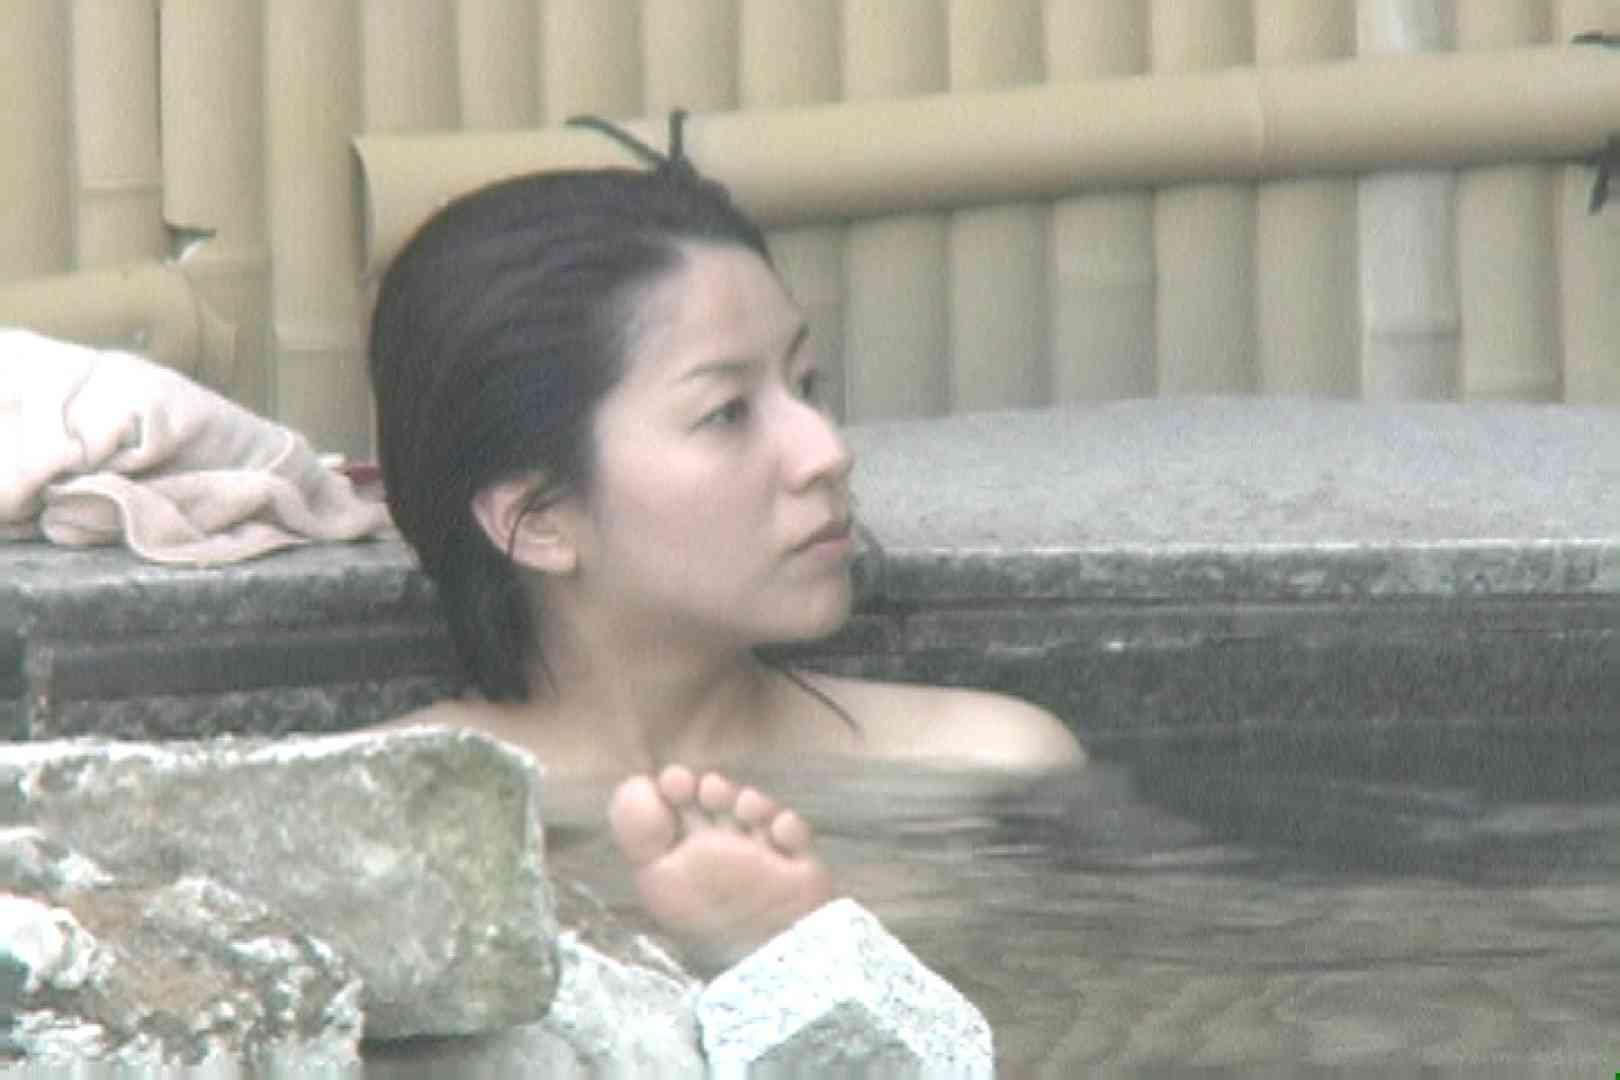 Aquaな露天風呂Vol.694 盗撮  110PICs 108